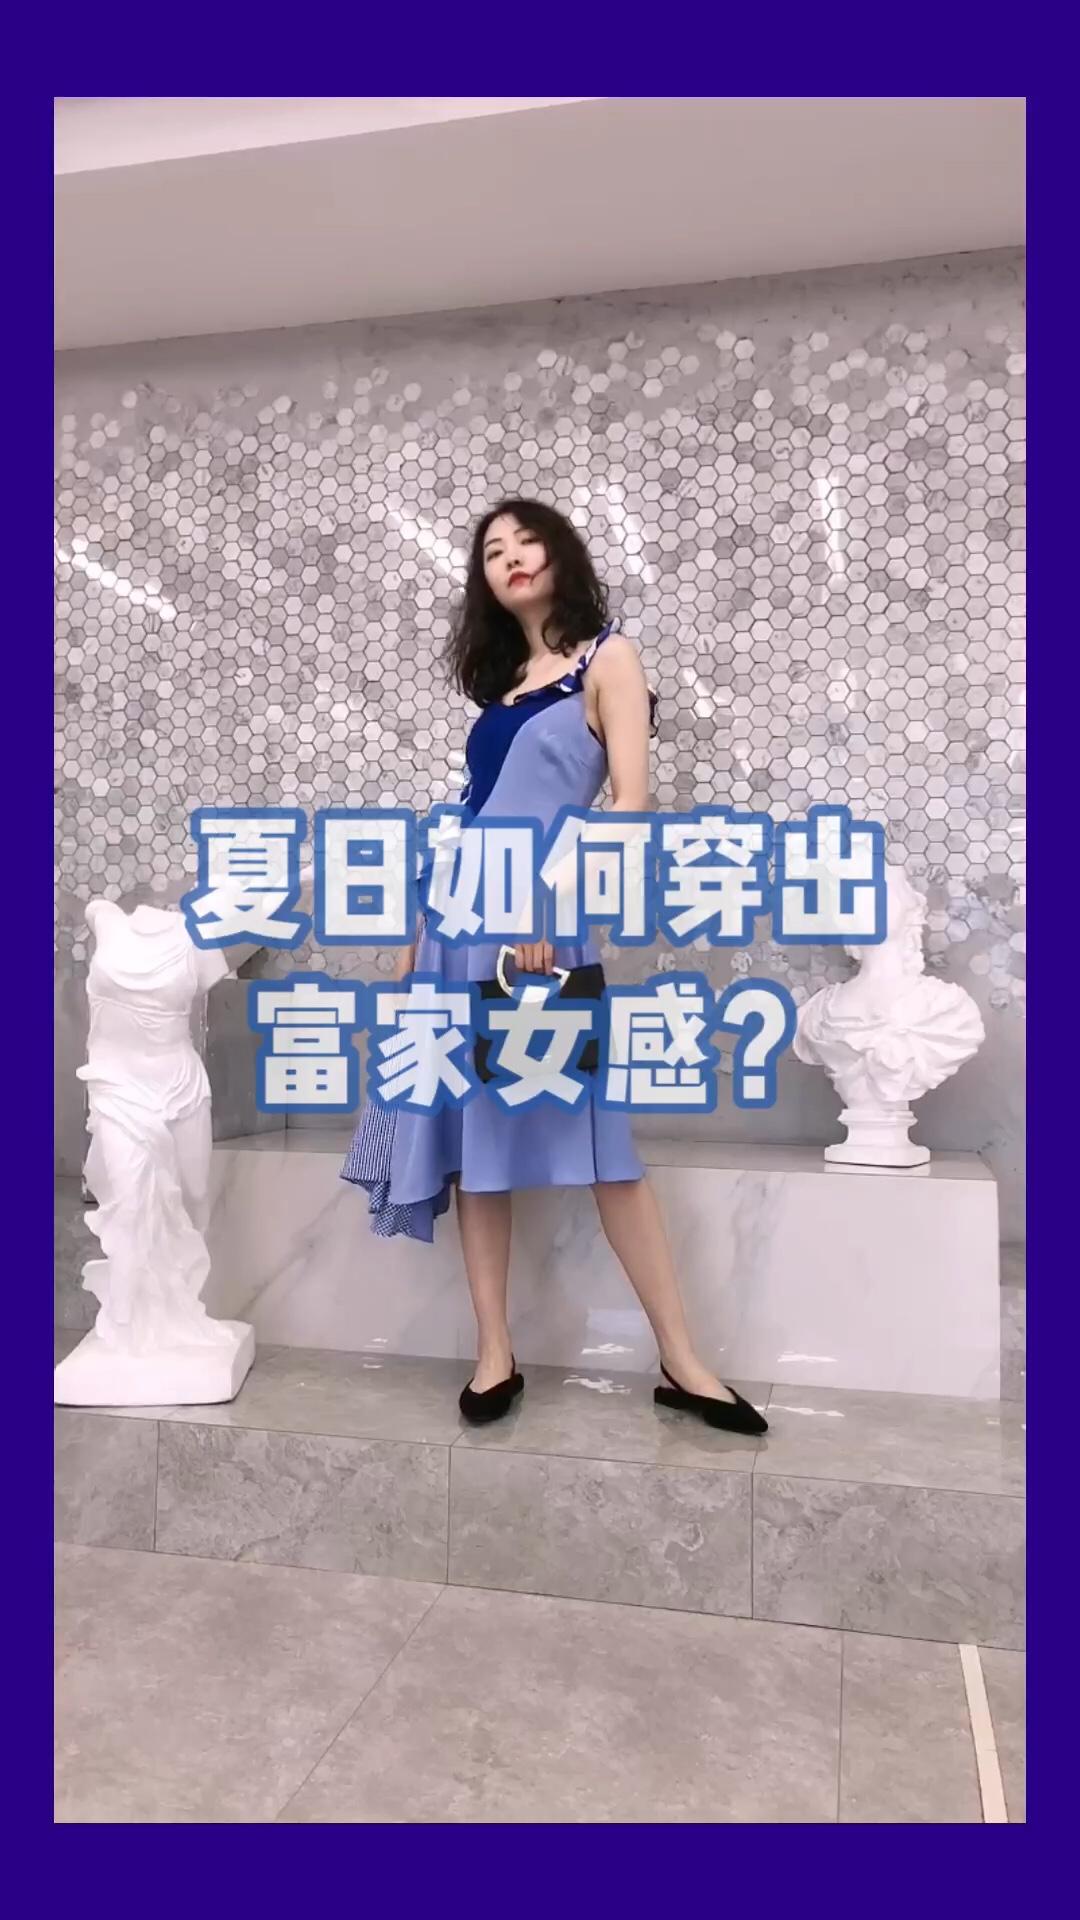 #夏日如何穿出富家女感?# 蓝色格纹连衣裙 不同不同设计 一边是木耳边一边是细肩带 裙子做了很多拼接 不同颜色的拼接 不同格纹的拼接 垂感也很好 看着就是一件很有质感的连衣裙